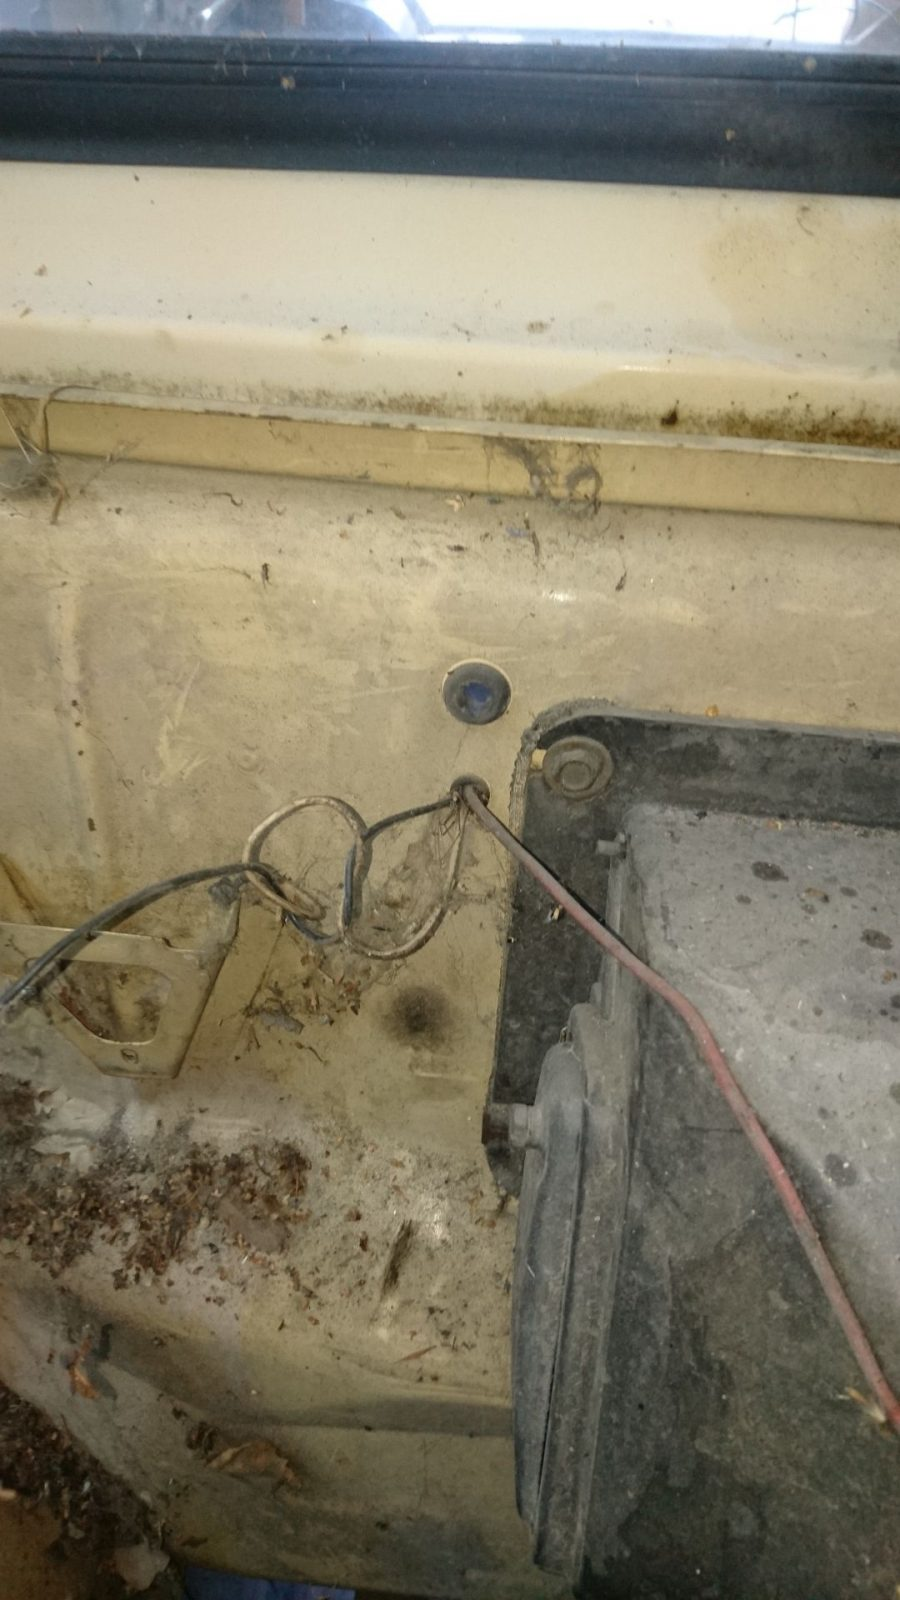 Kabeldurchführung neben dem Heizregister vom Motorraum aus gesehen.